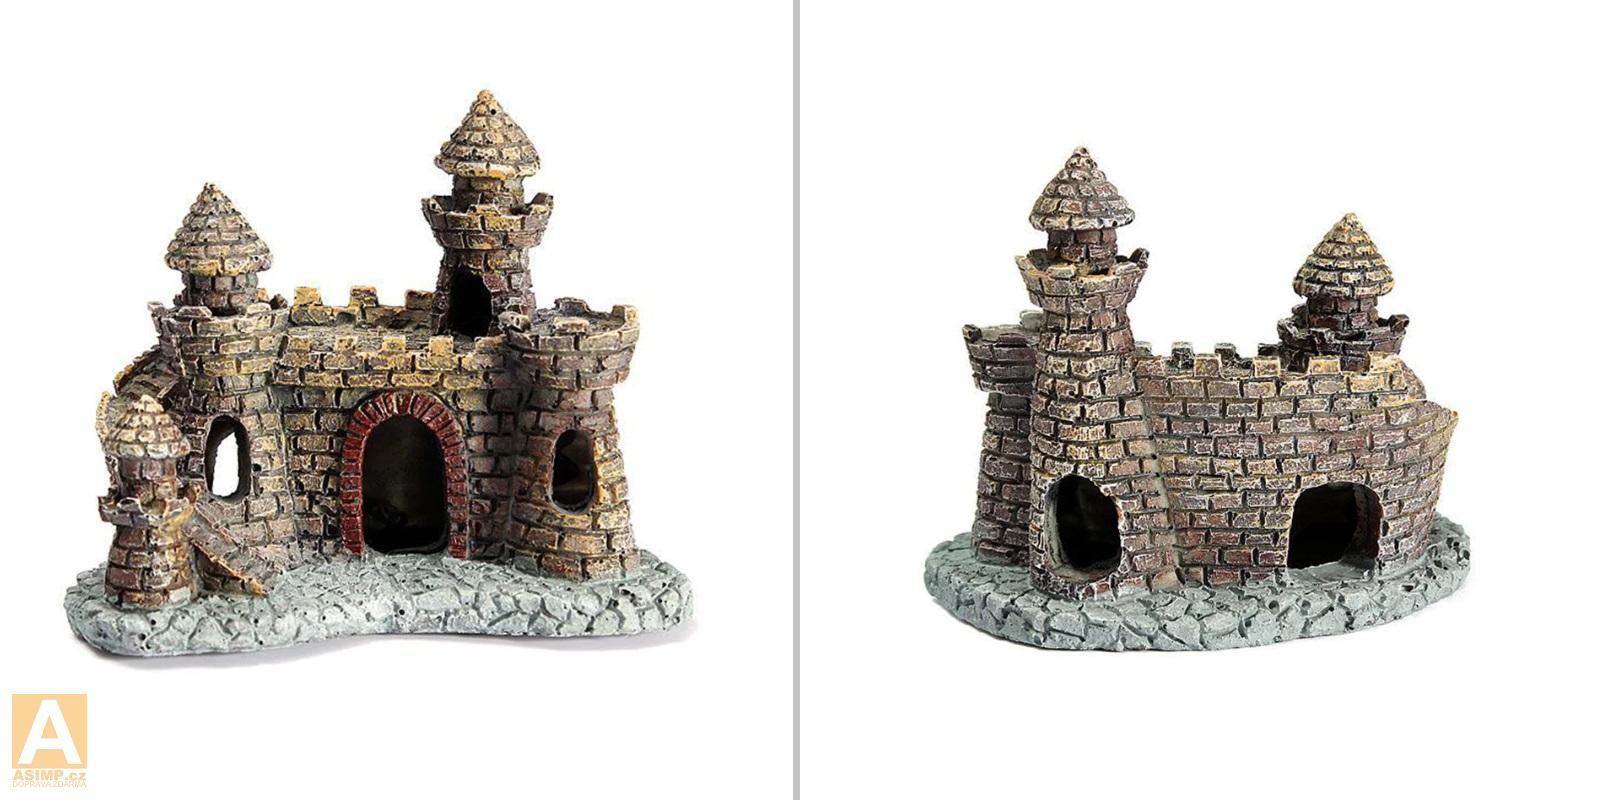 Dekorace do akvária - hrad / A-001123